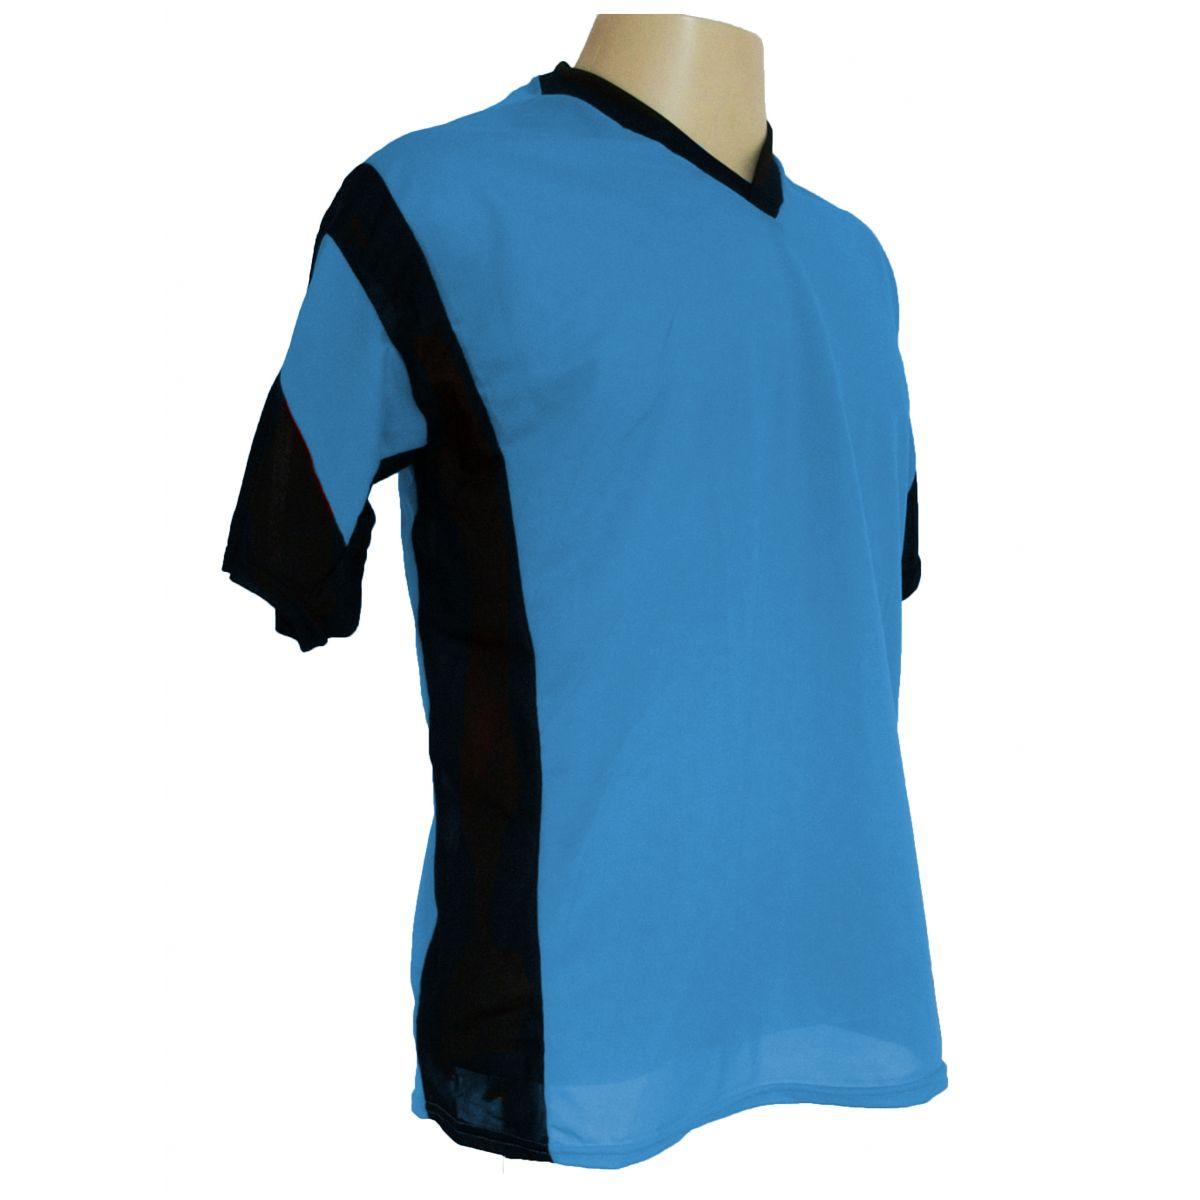 Jogo de Camisa Promocional com 12 Peças Numeradas Modelo Attack Celeste/Preto